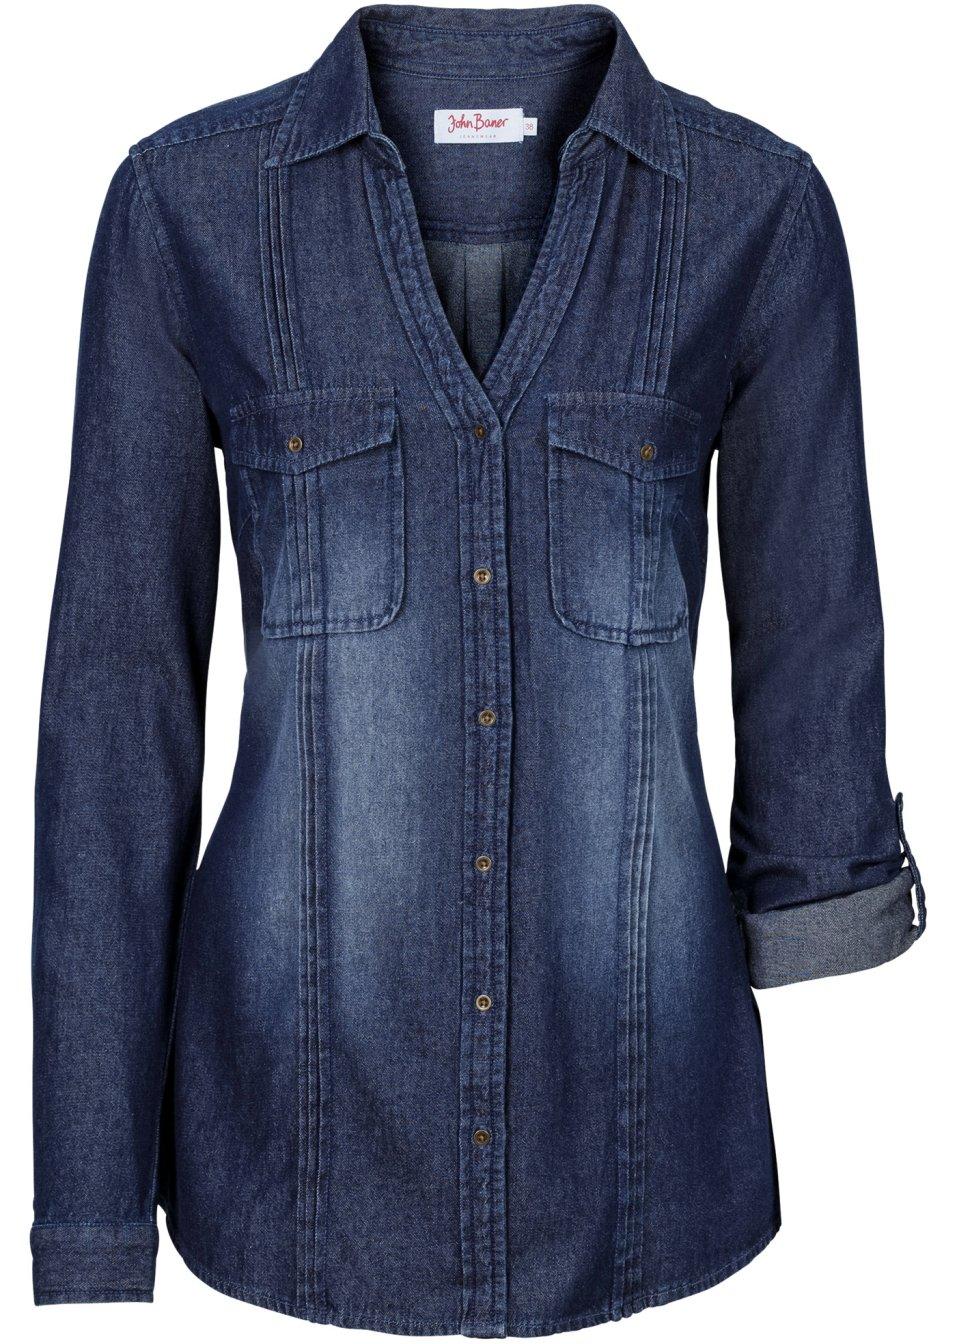 Vielseitige Basic-Jeans-Longbluse mit aufgesetzten Taschen - dunkelblau uQzvD GOGBg